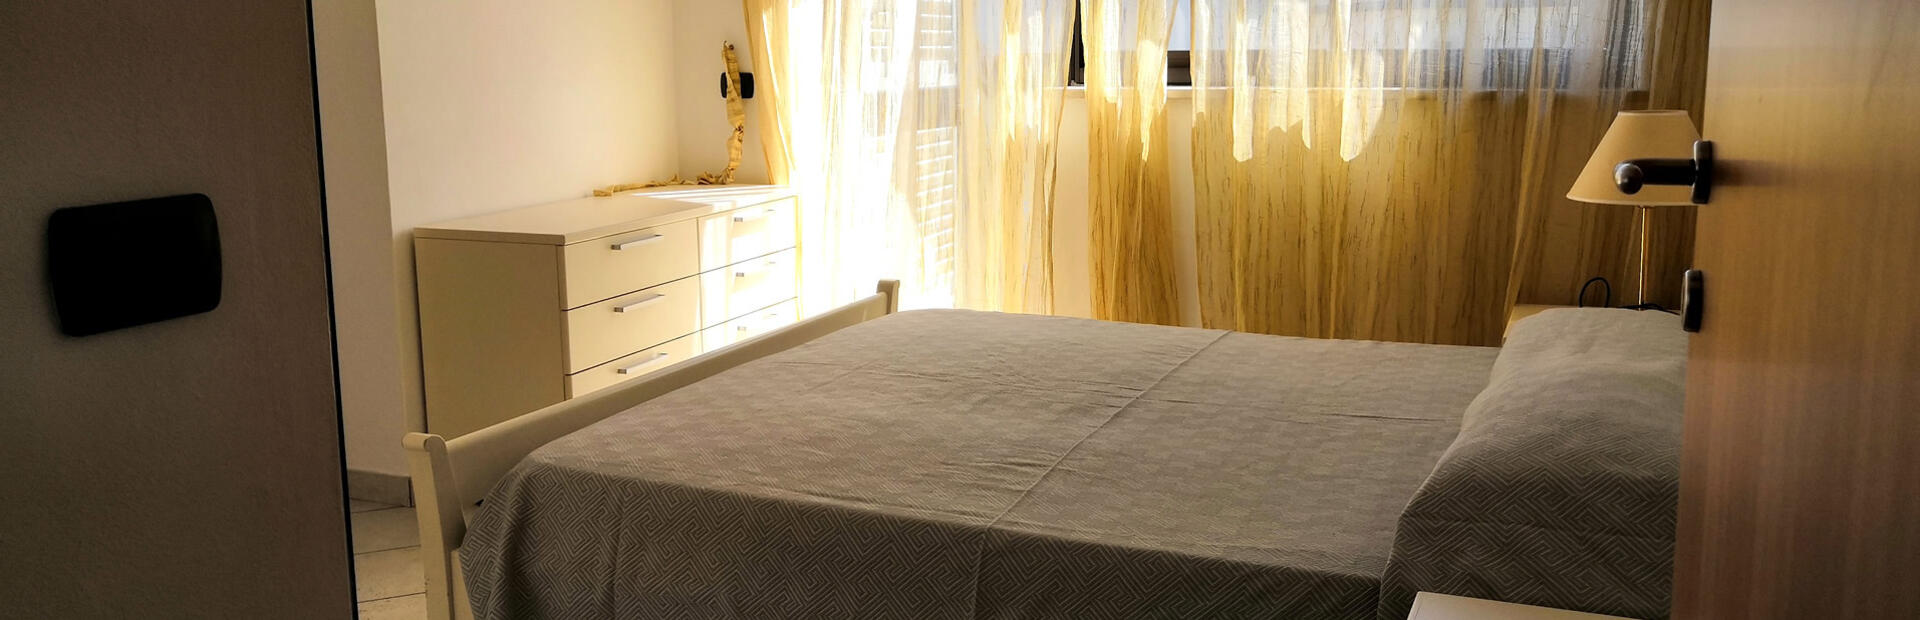 hotelgardencesenatico it hotel-con-appartamenti-cesenatico 004